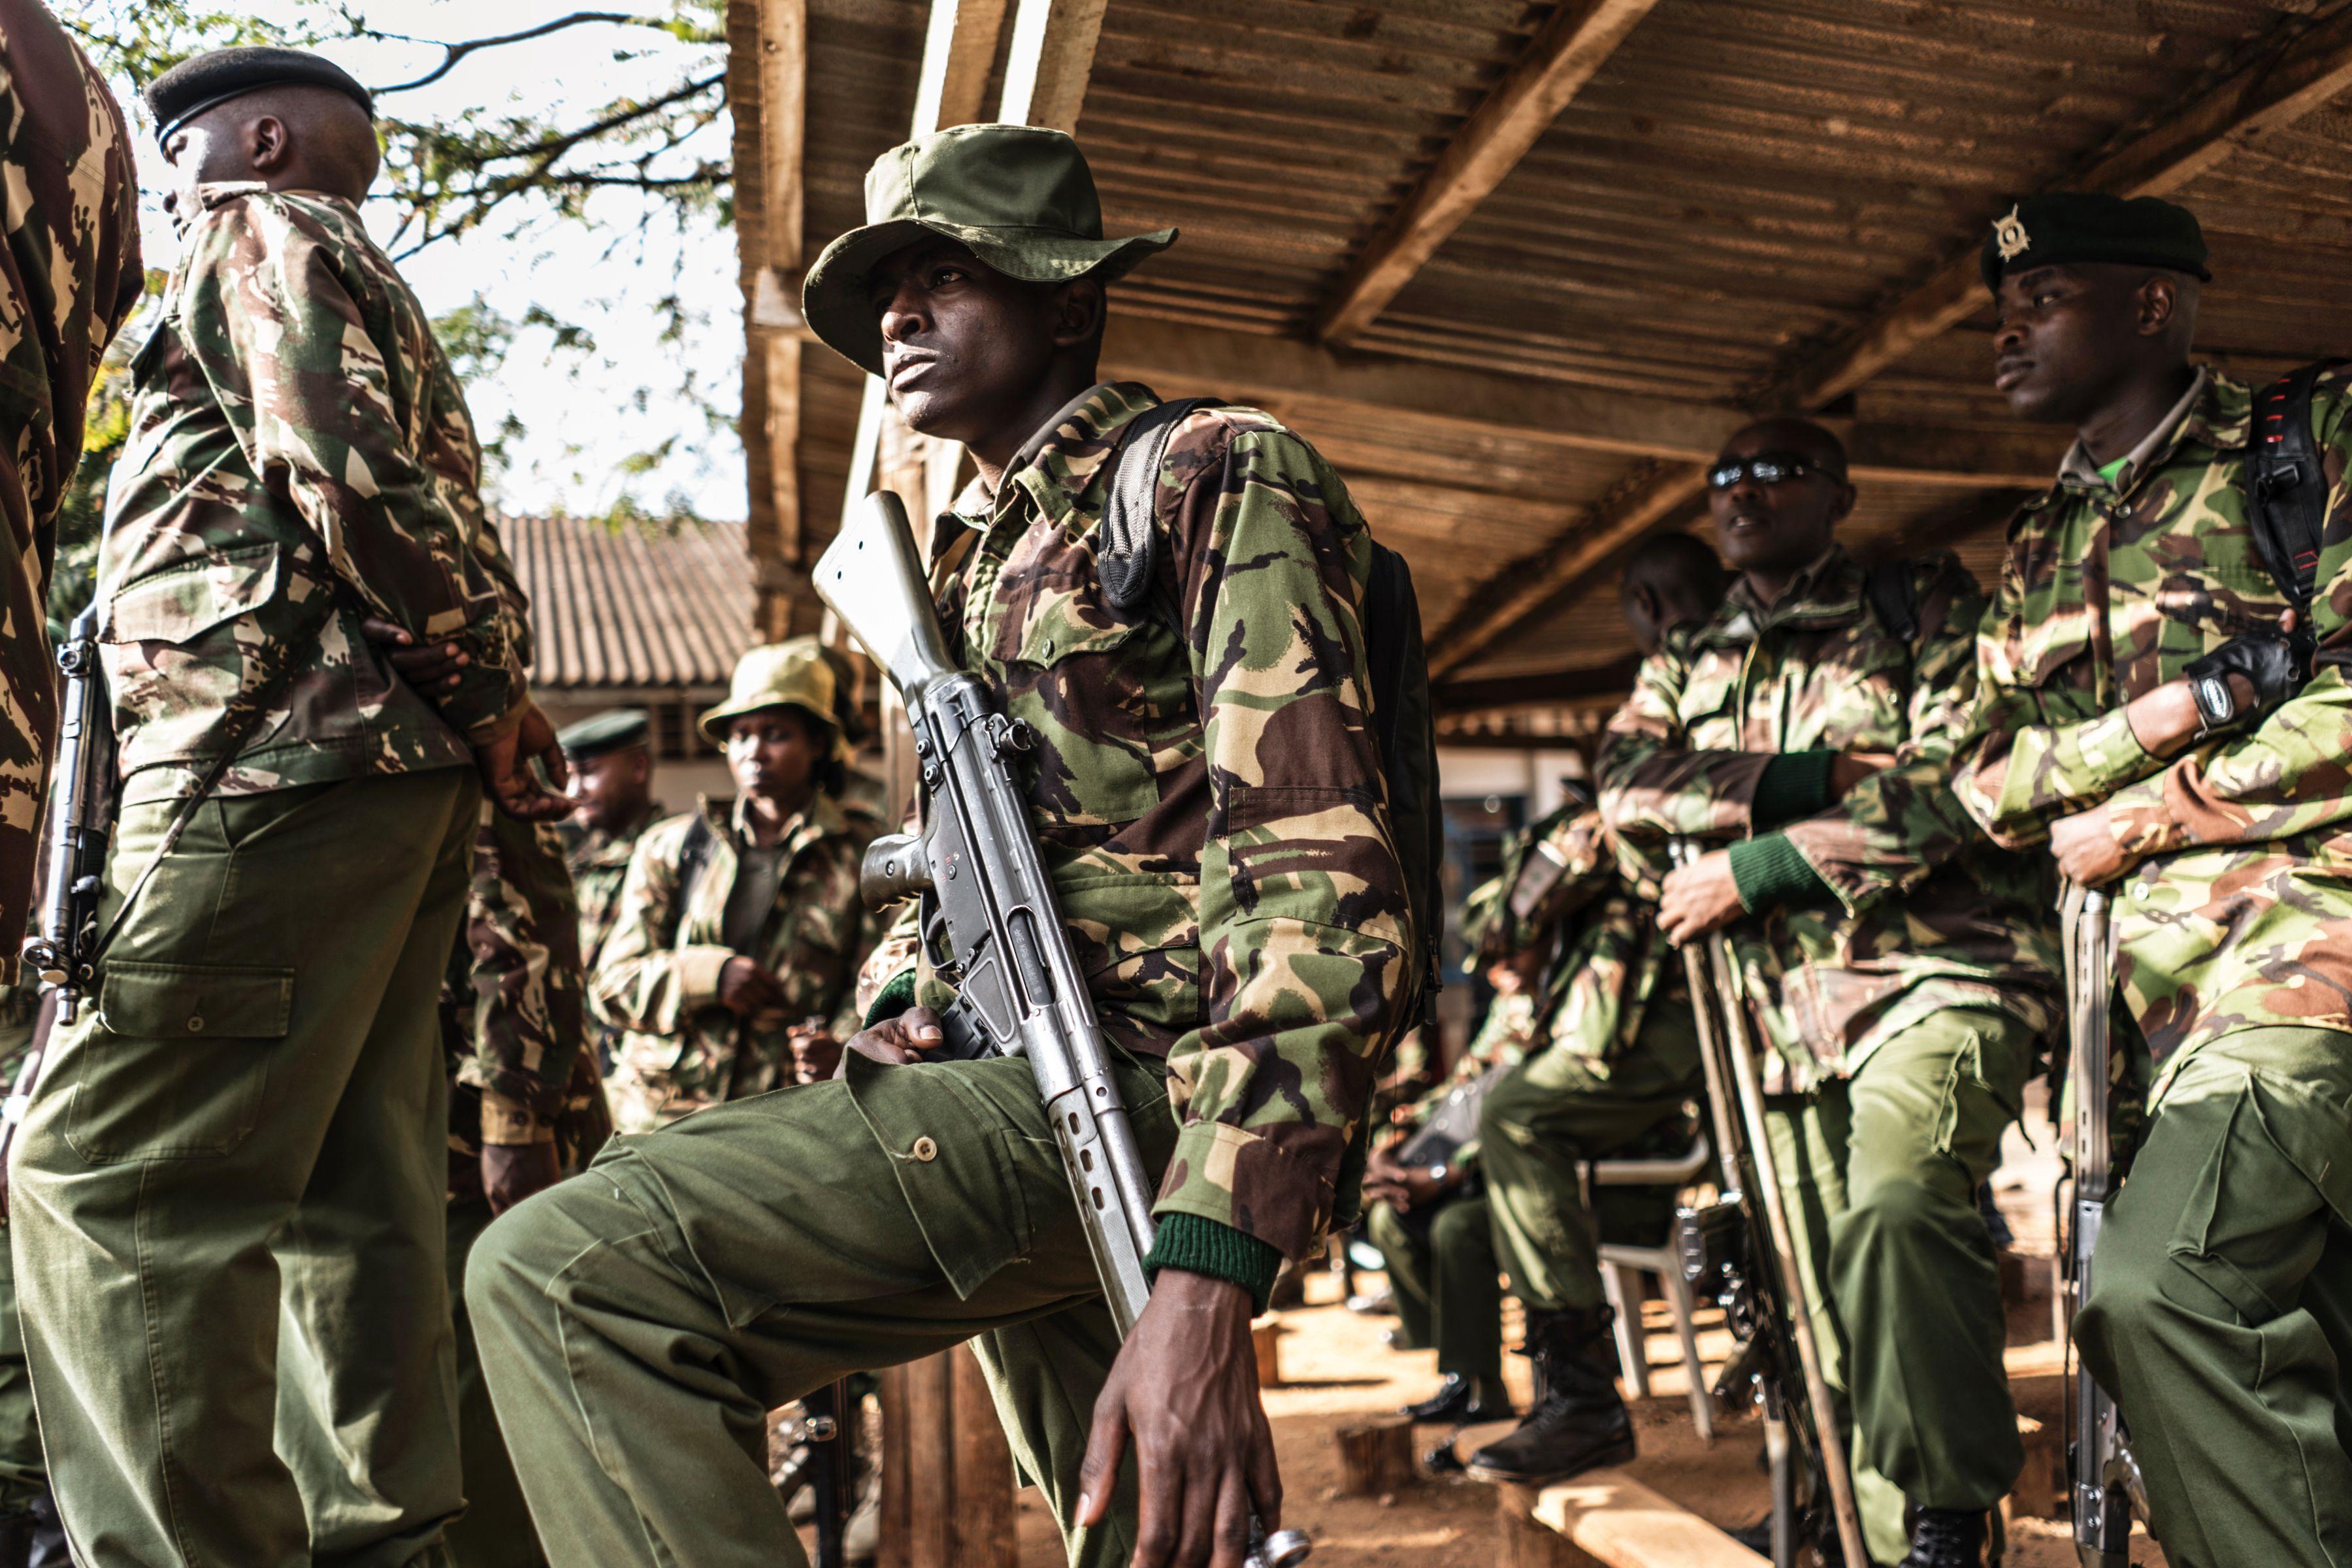 Oposição contesta vitória de candidato à reeleição no Quénia